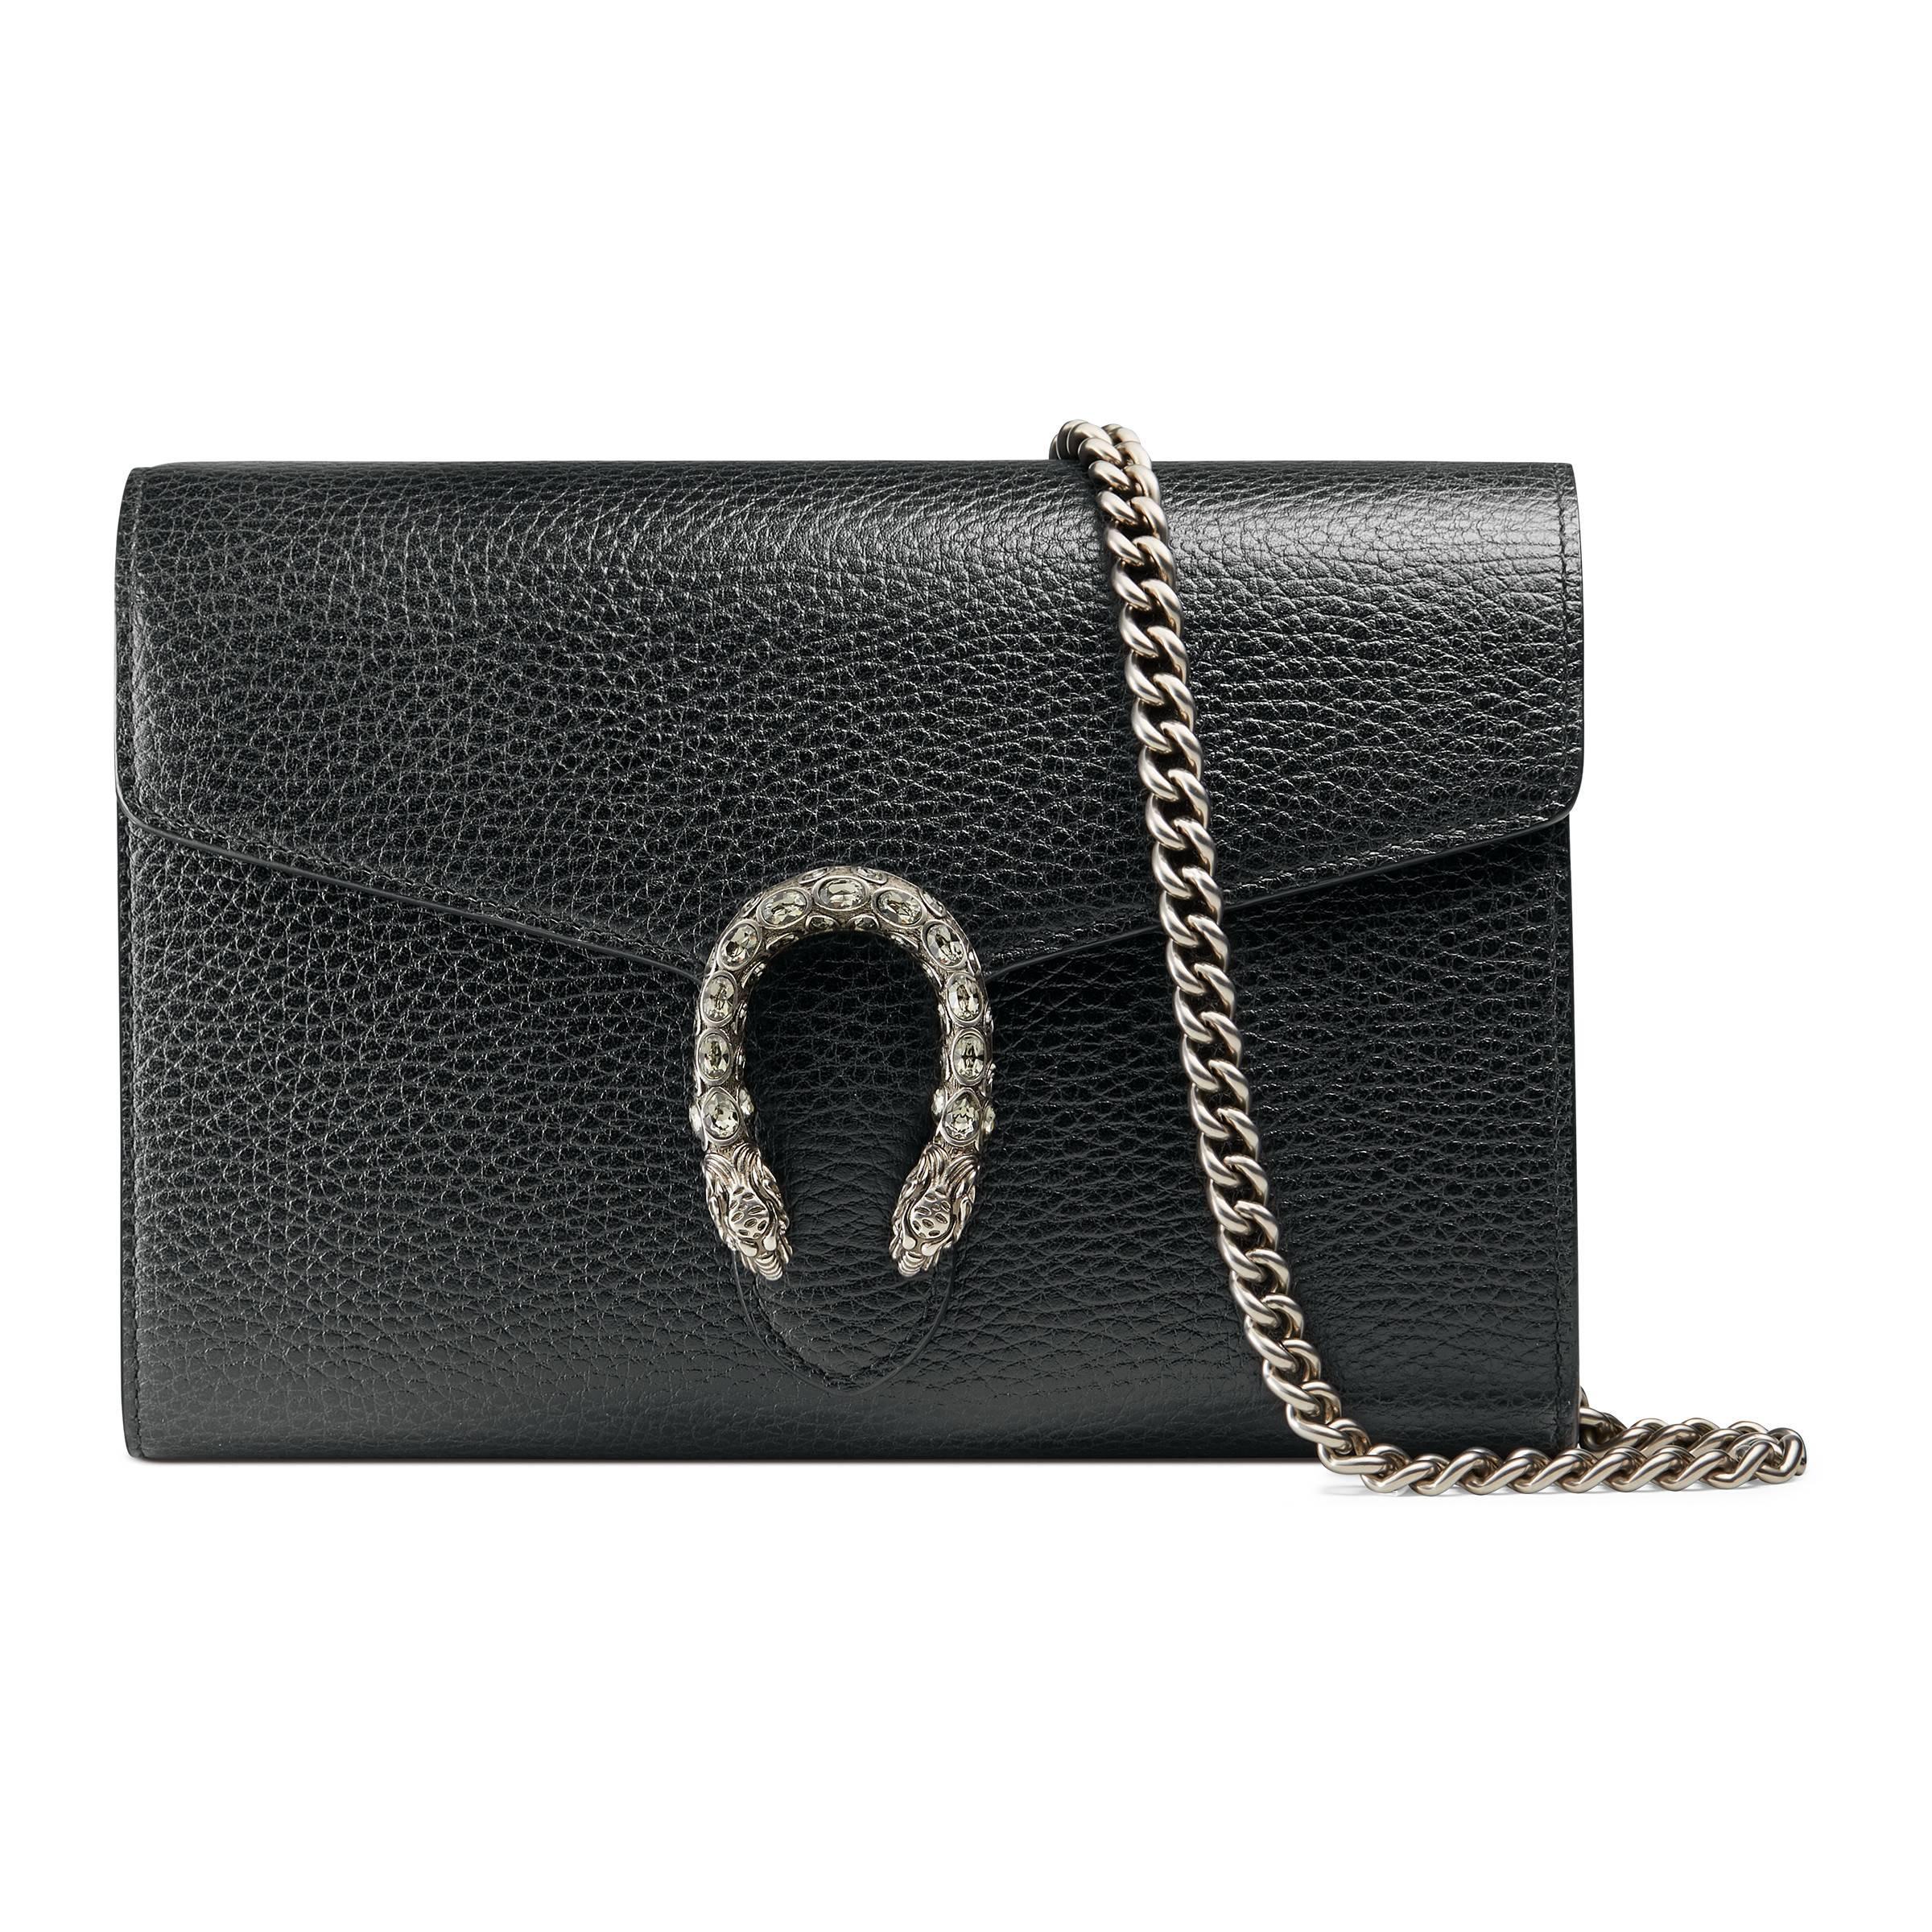 Lyst - Mini sac Dionysus en cuir avec chaîne Gucci en coloris Noir da6811343ec